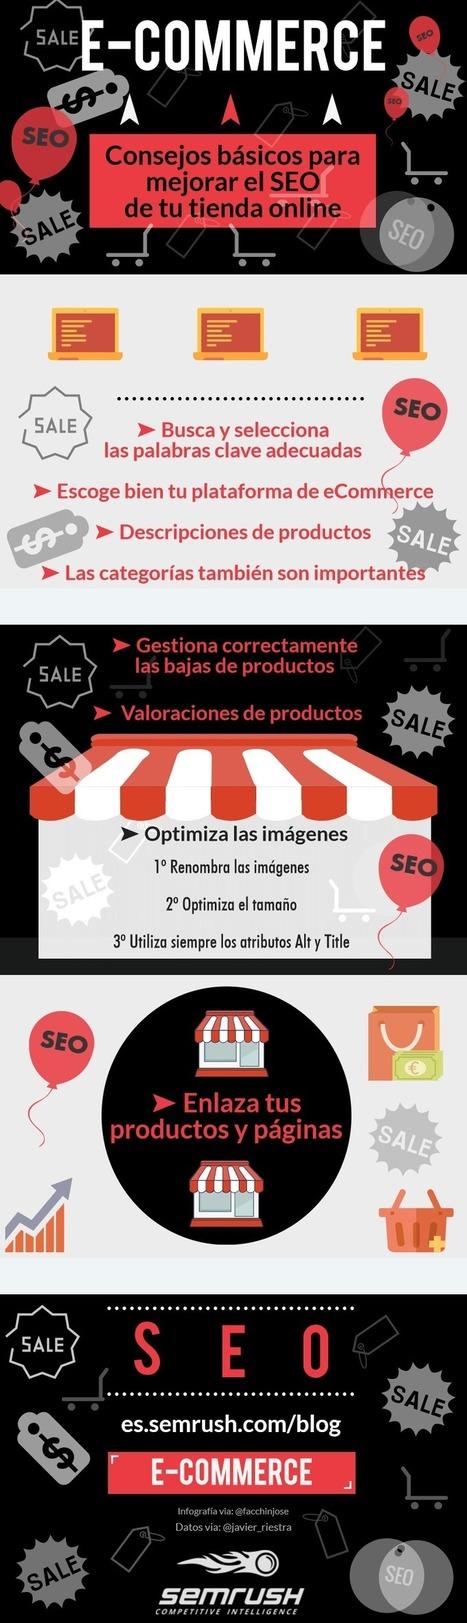 Consejos para mejorar el SEO de tu Tienda Online #infografia #ecommerce #seo   Redes sociales y Social Media   Scoop.it